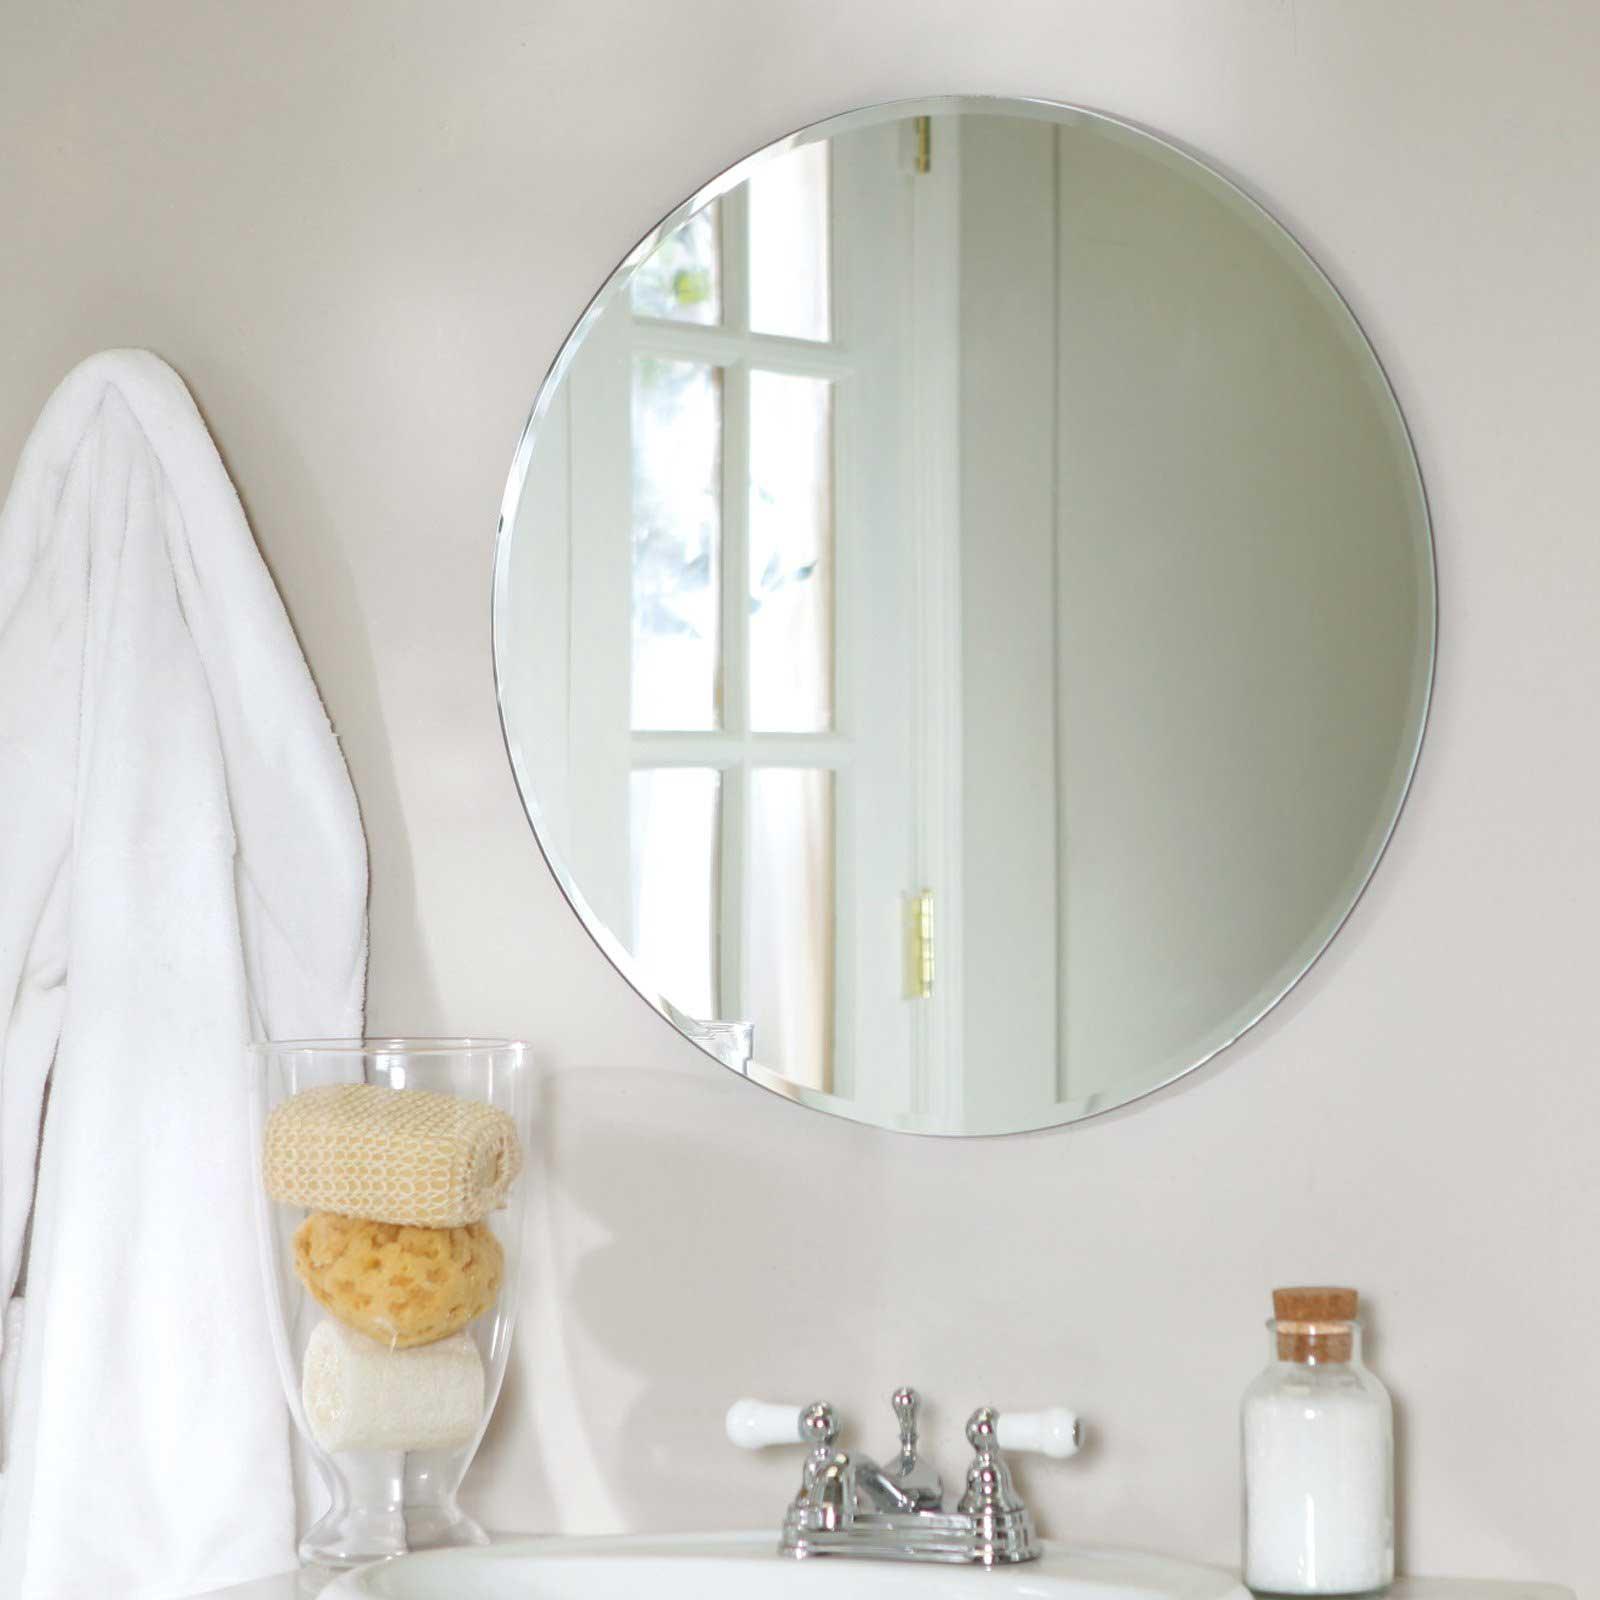 style-minimaliste-shabby-miroirs-de-salle-de-bain-decoration-meubles-quebec-canada.png